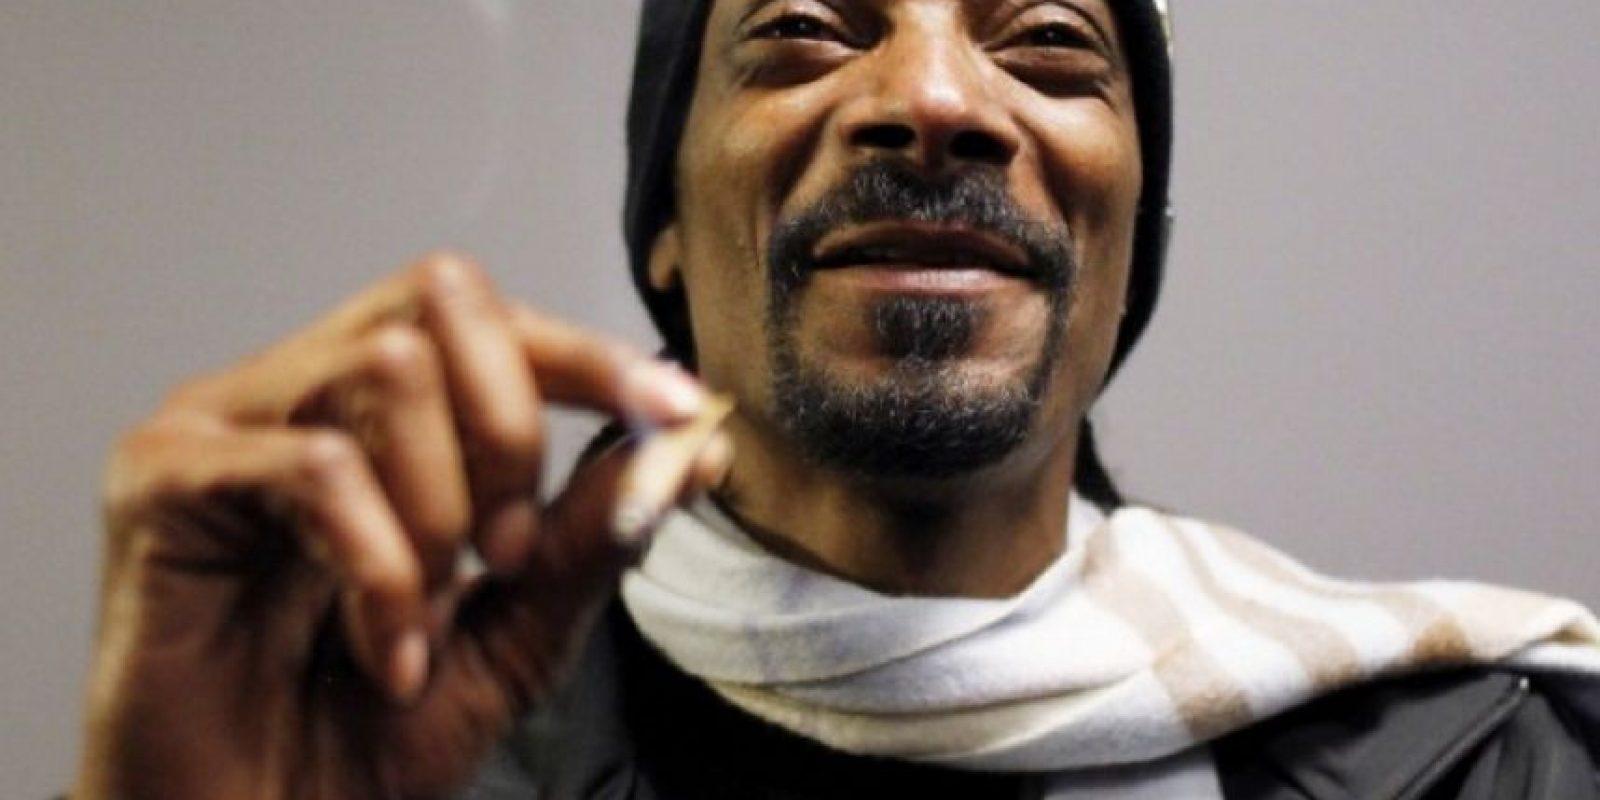 El rapero Snoop Dogg también entró al negocio de las apps. Foto:Getty Images